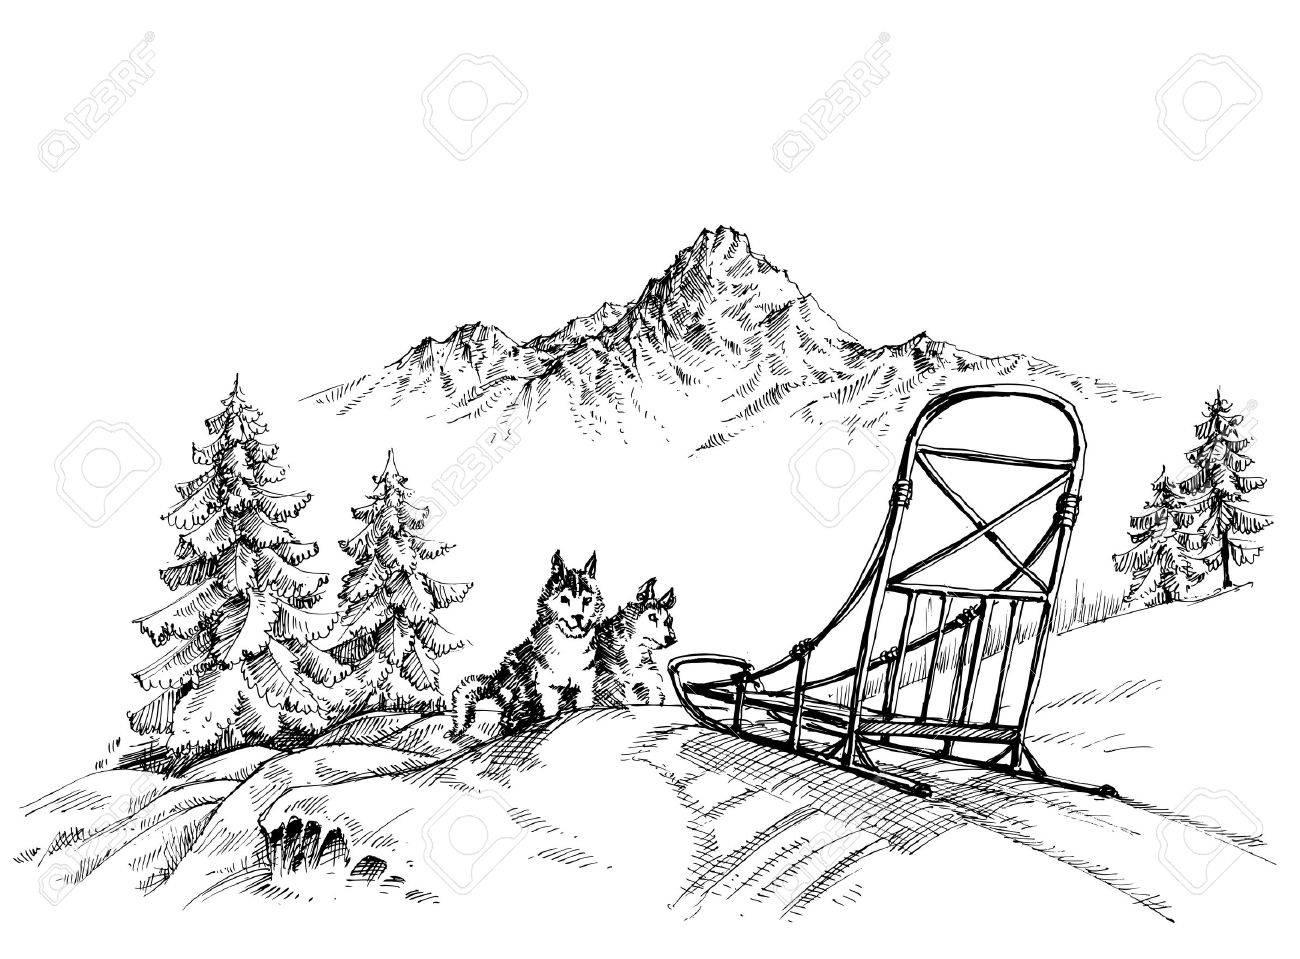 Winter mountain landscape, husky dogs sledding - 46666980